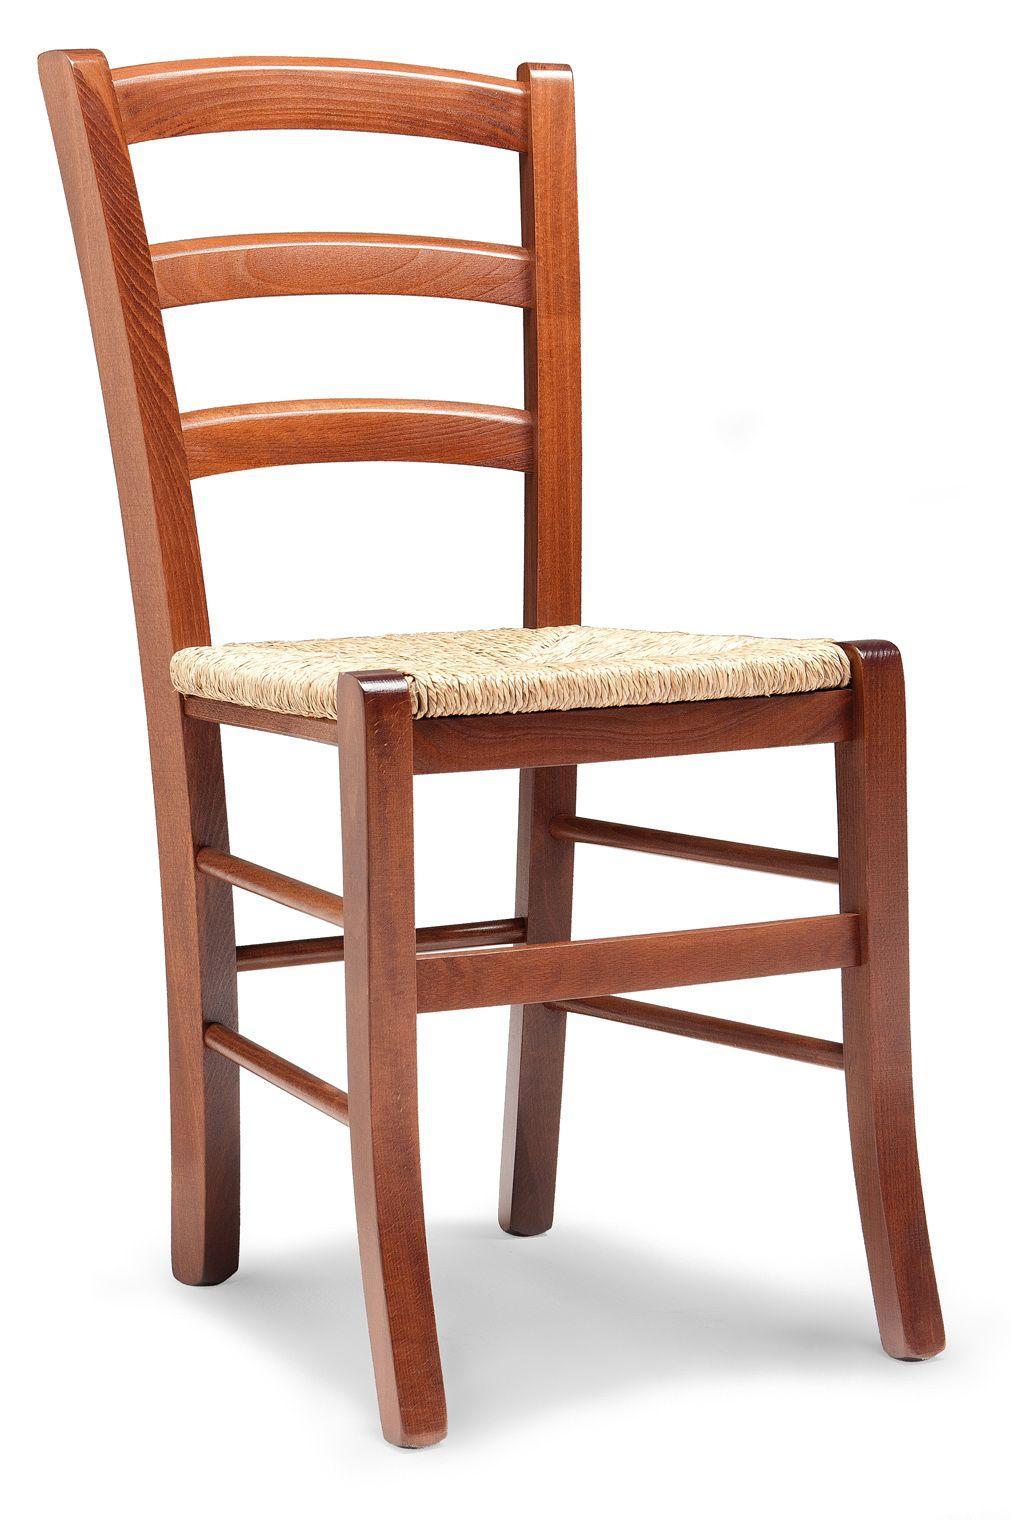 Chaise en h tre venezia 42 a collection venezia by palma for Chaise en hetre